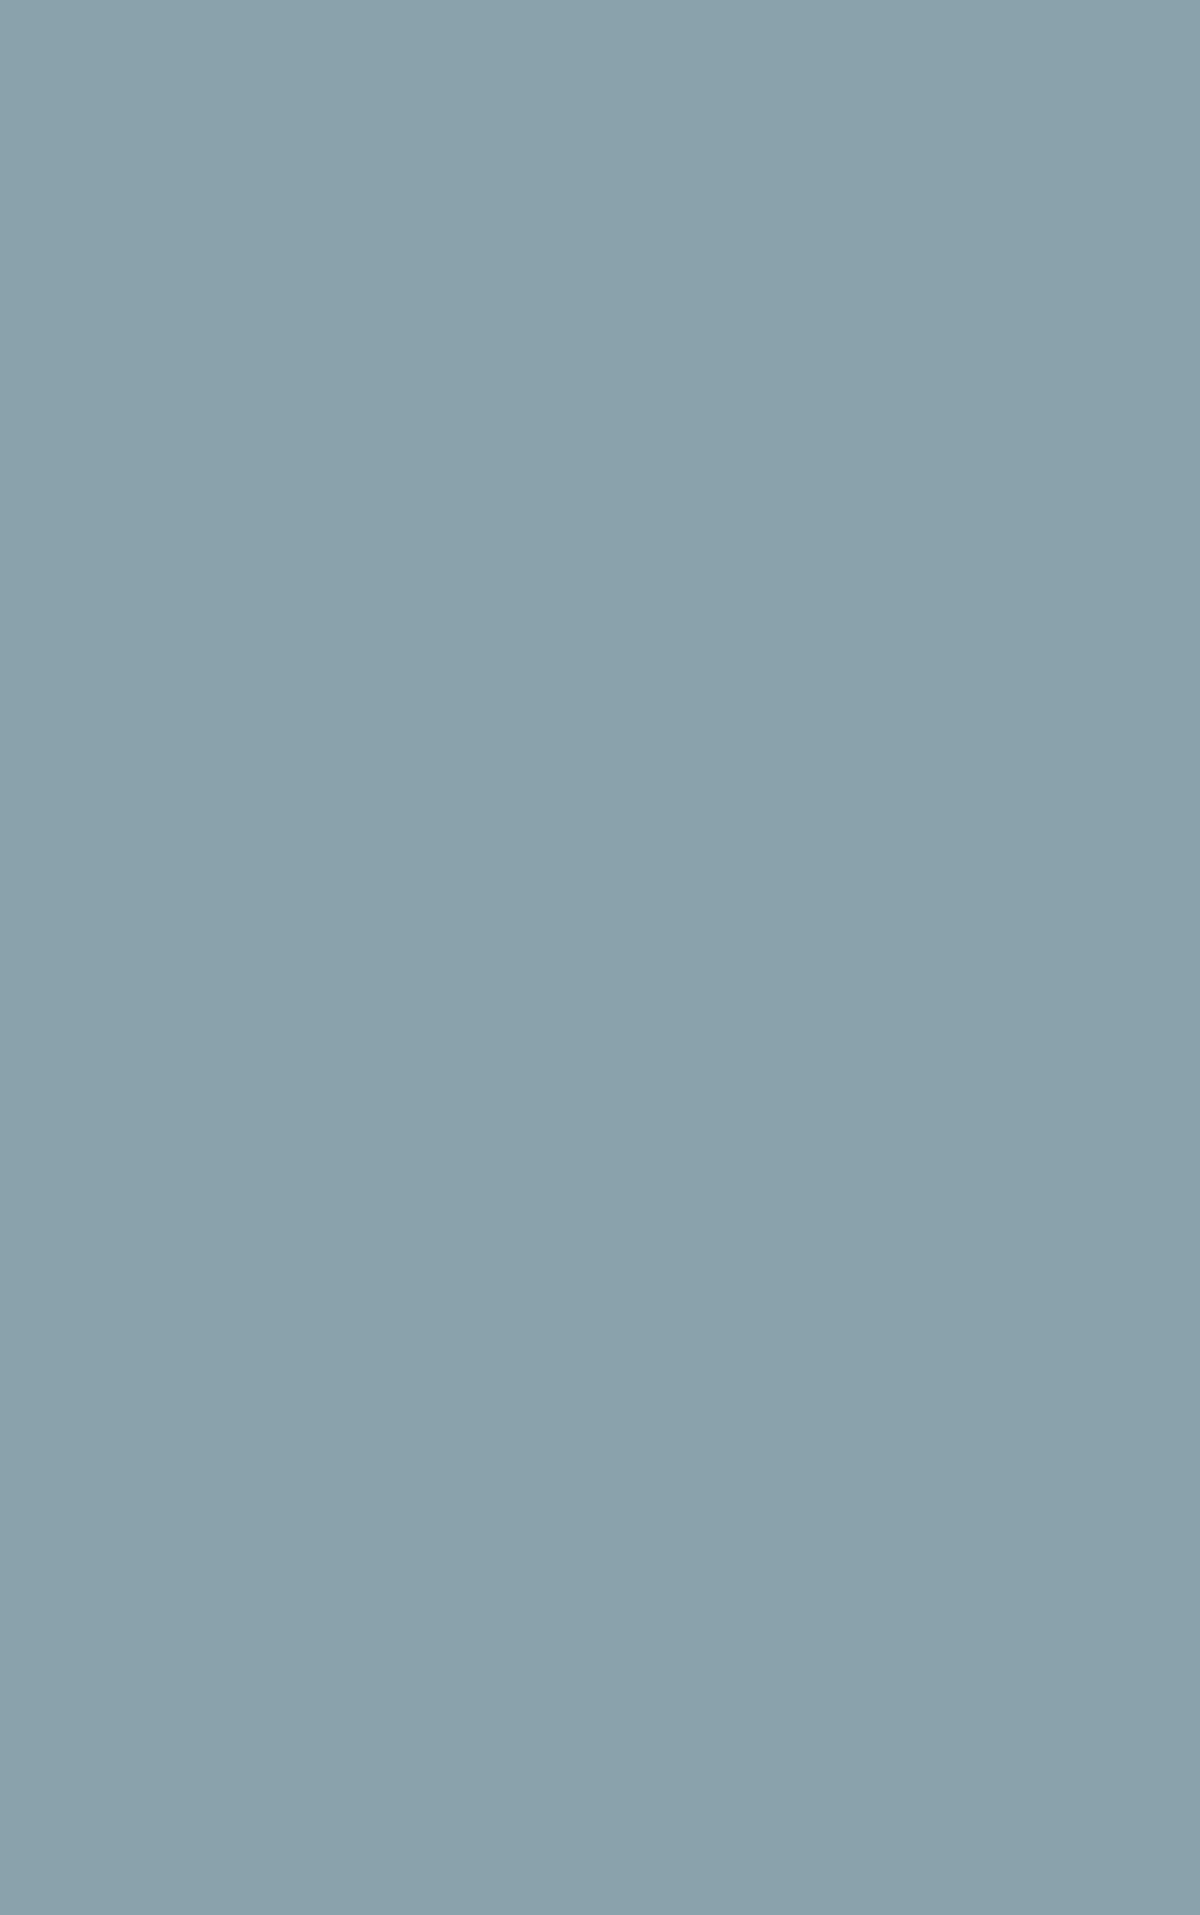 Государственный историко-культурный музей-заповедник «Московский Кремль». 3 изображения